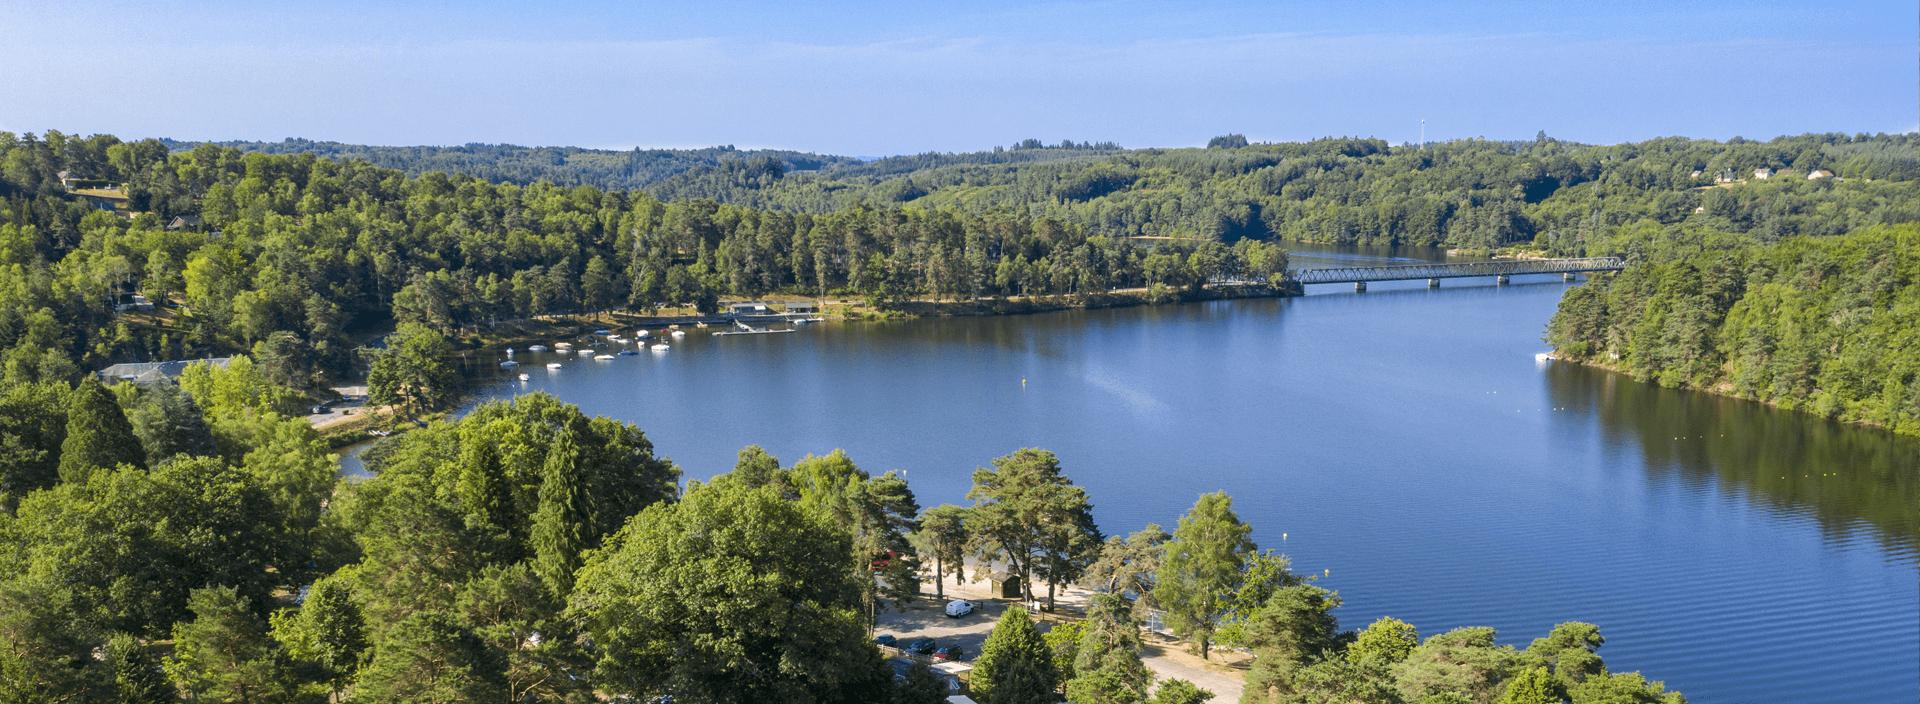 Le Camping Curiste De La Bourboule Dans Le Puy De Dome avec Camping En Auvergne Avec Piscine